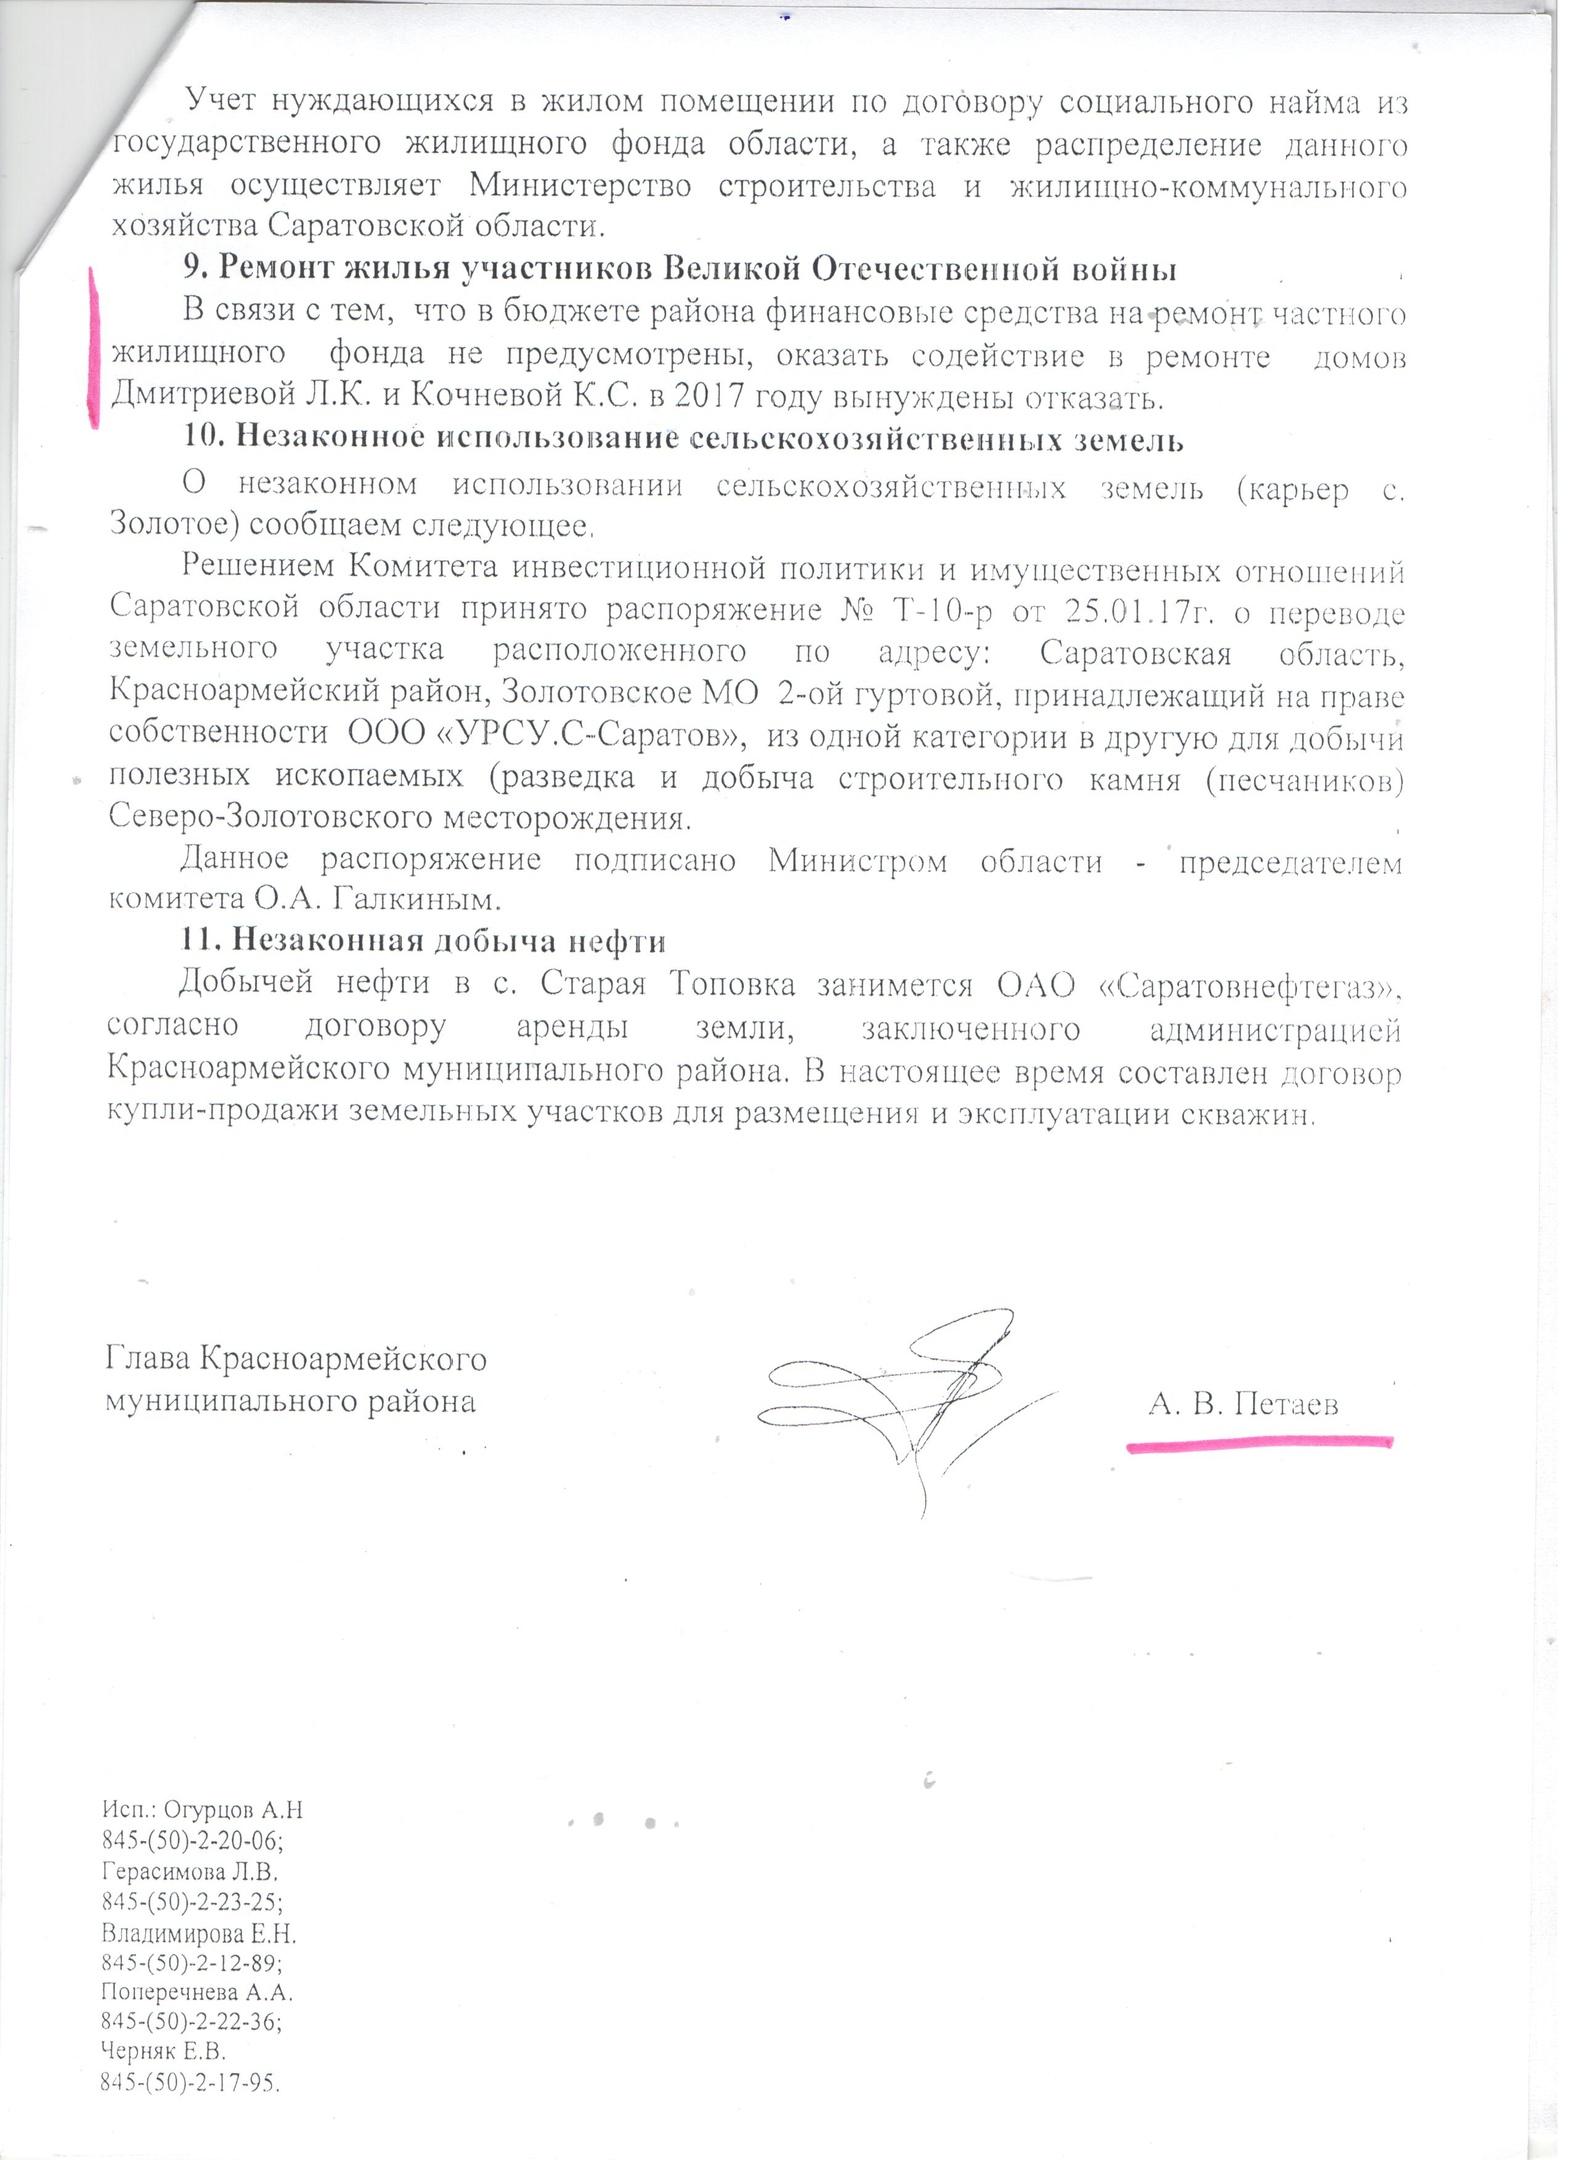 документ стр 3